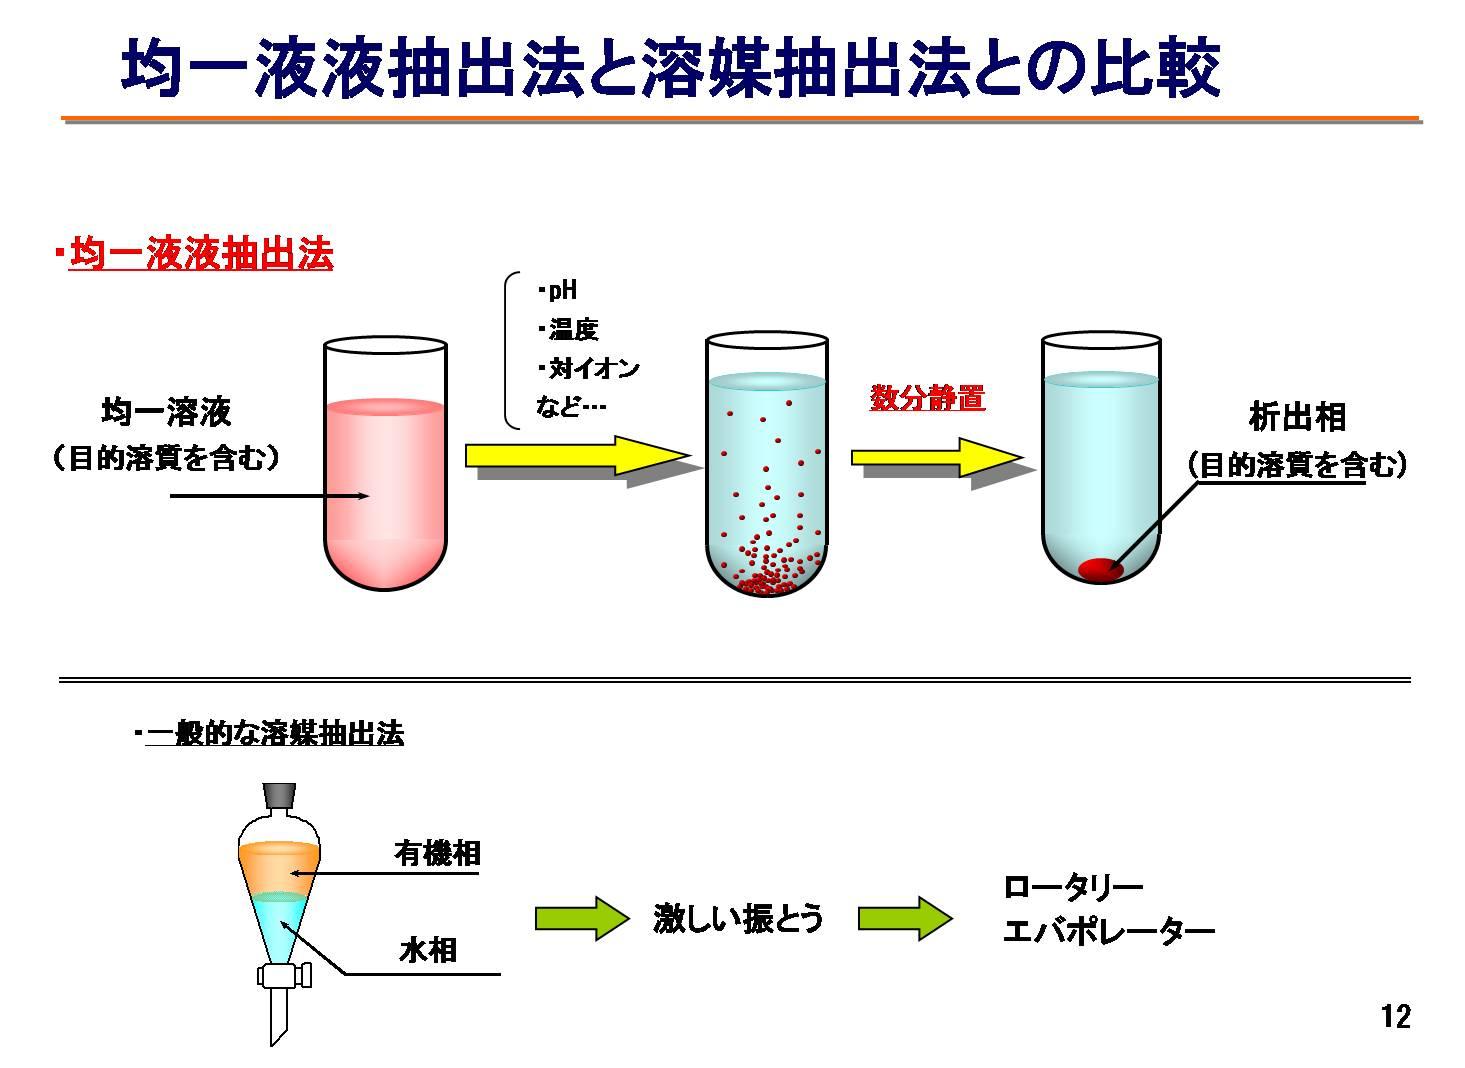 均一液益虫手法と溶媒抽出法との...